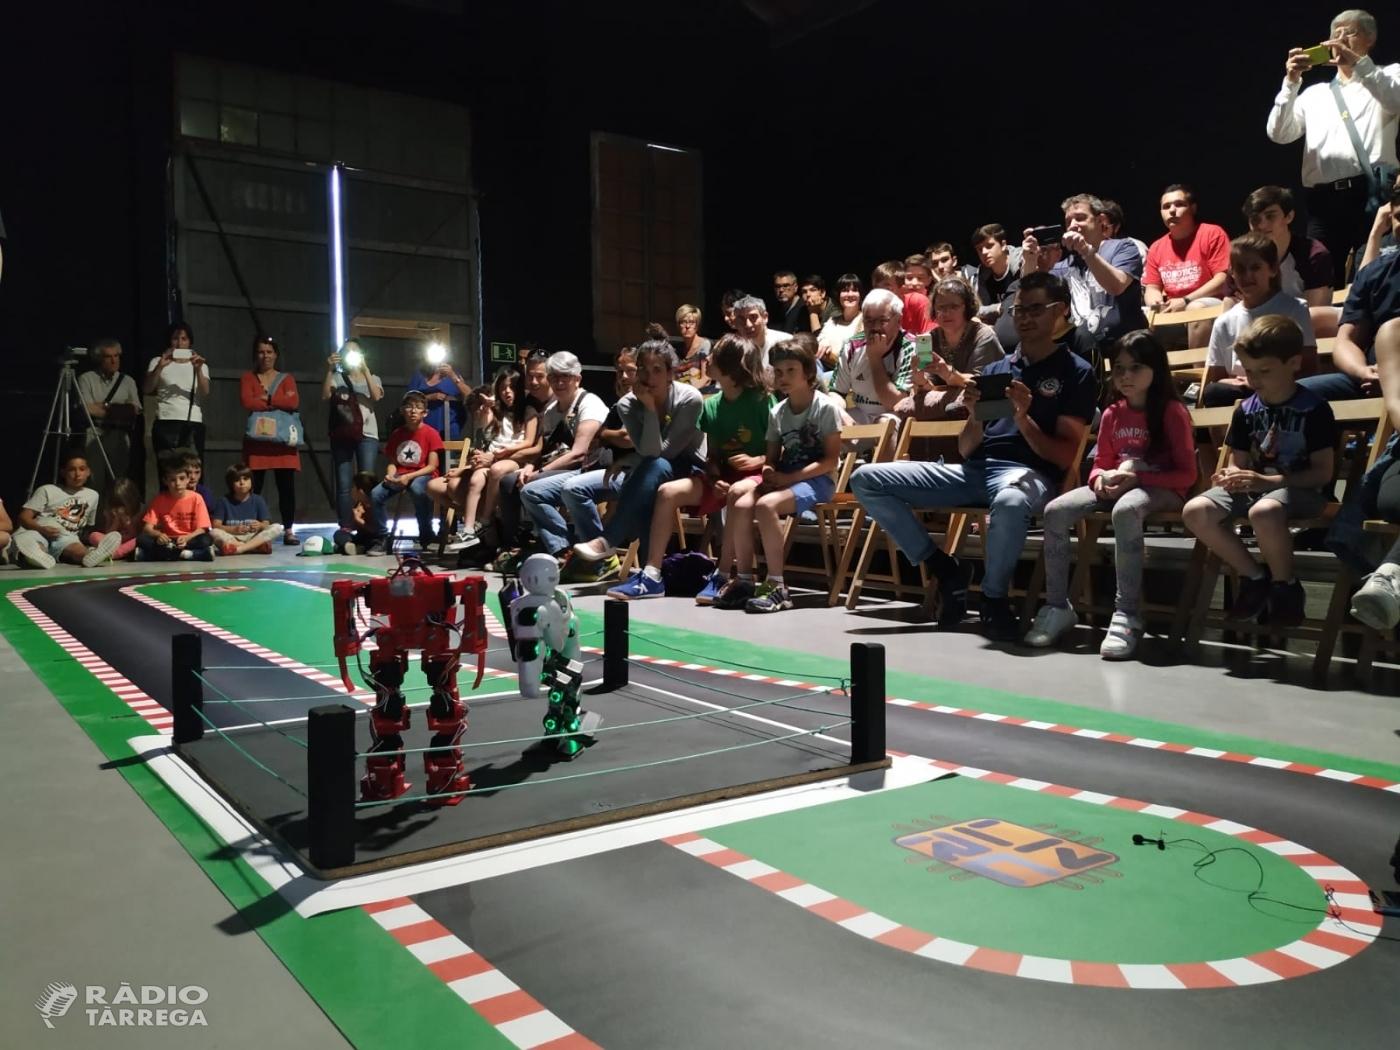 Tornen els Tallers Trepat de Tàrrega, espai d'aprenentatge sobre innovacions tecnològiques